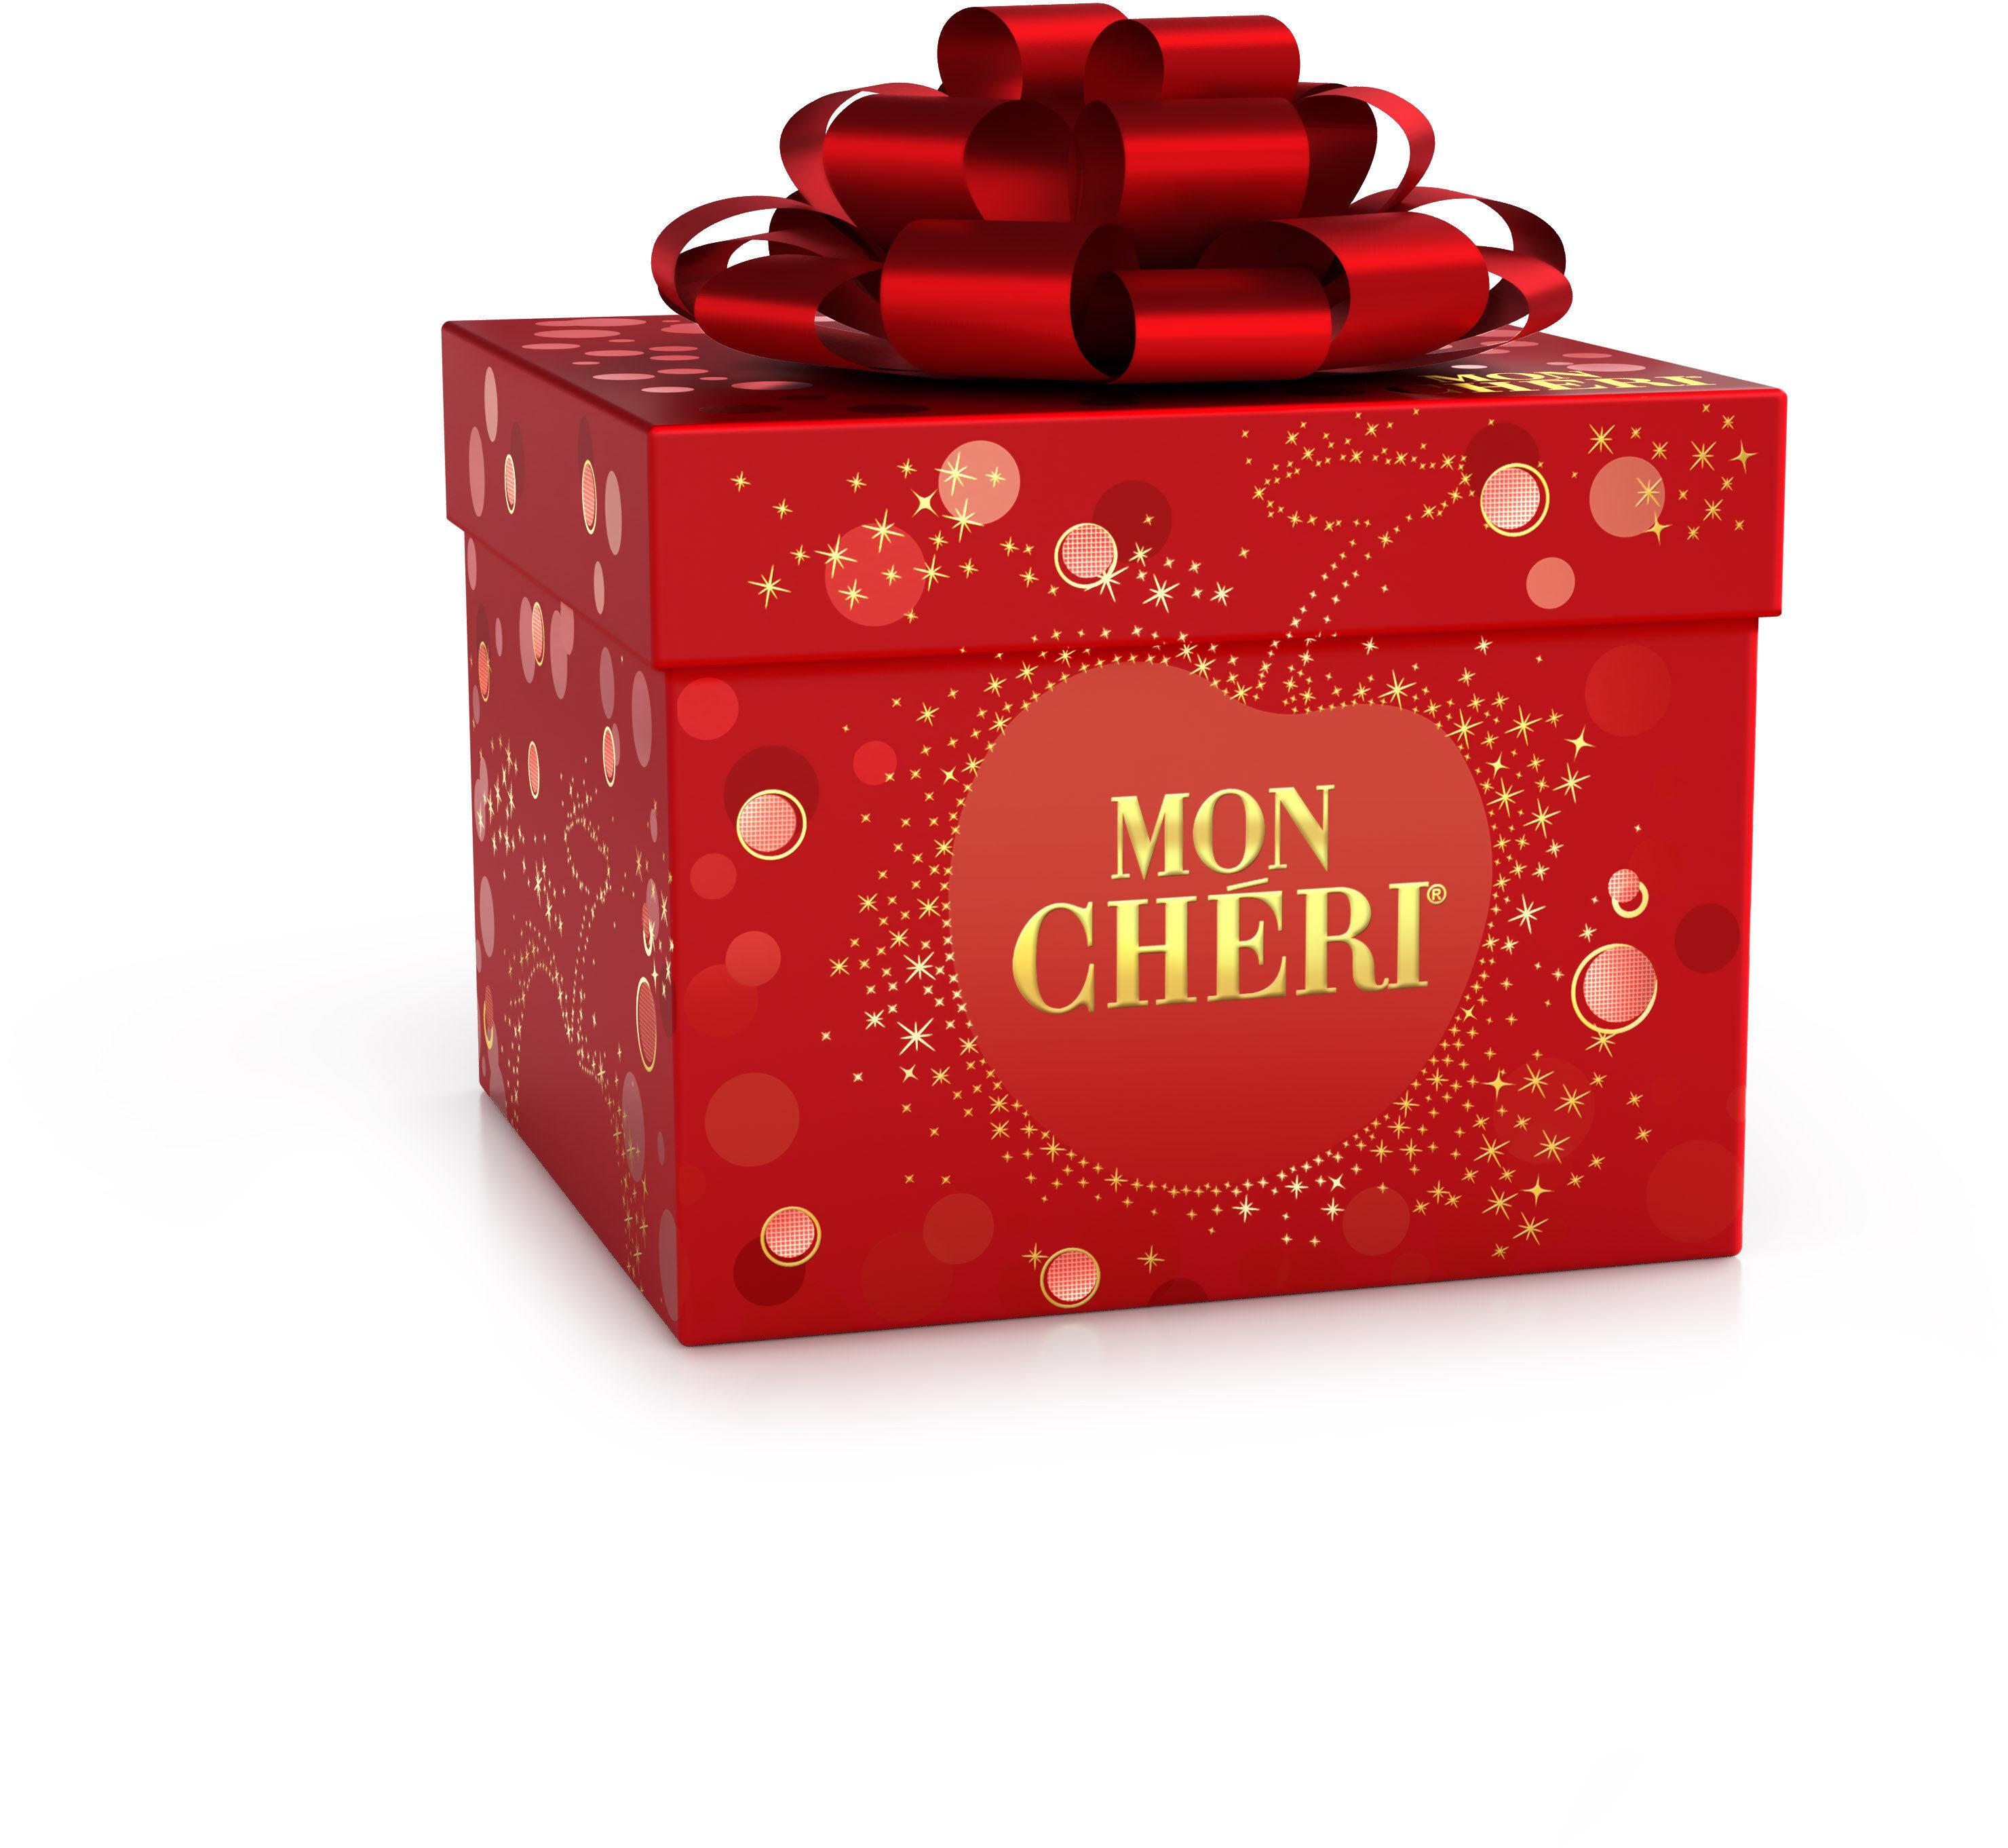 Mon cheri cerise bonbons de chocolat noir fourres cerise et liqueur cube de 27 bouchees - Produit - fr